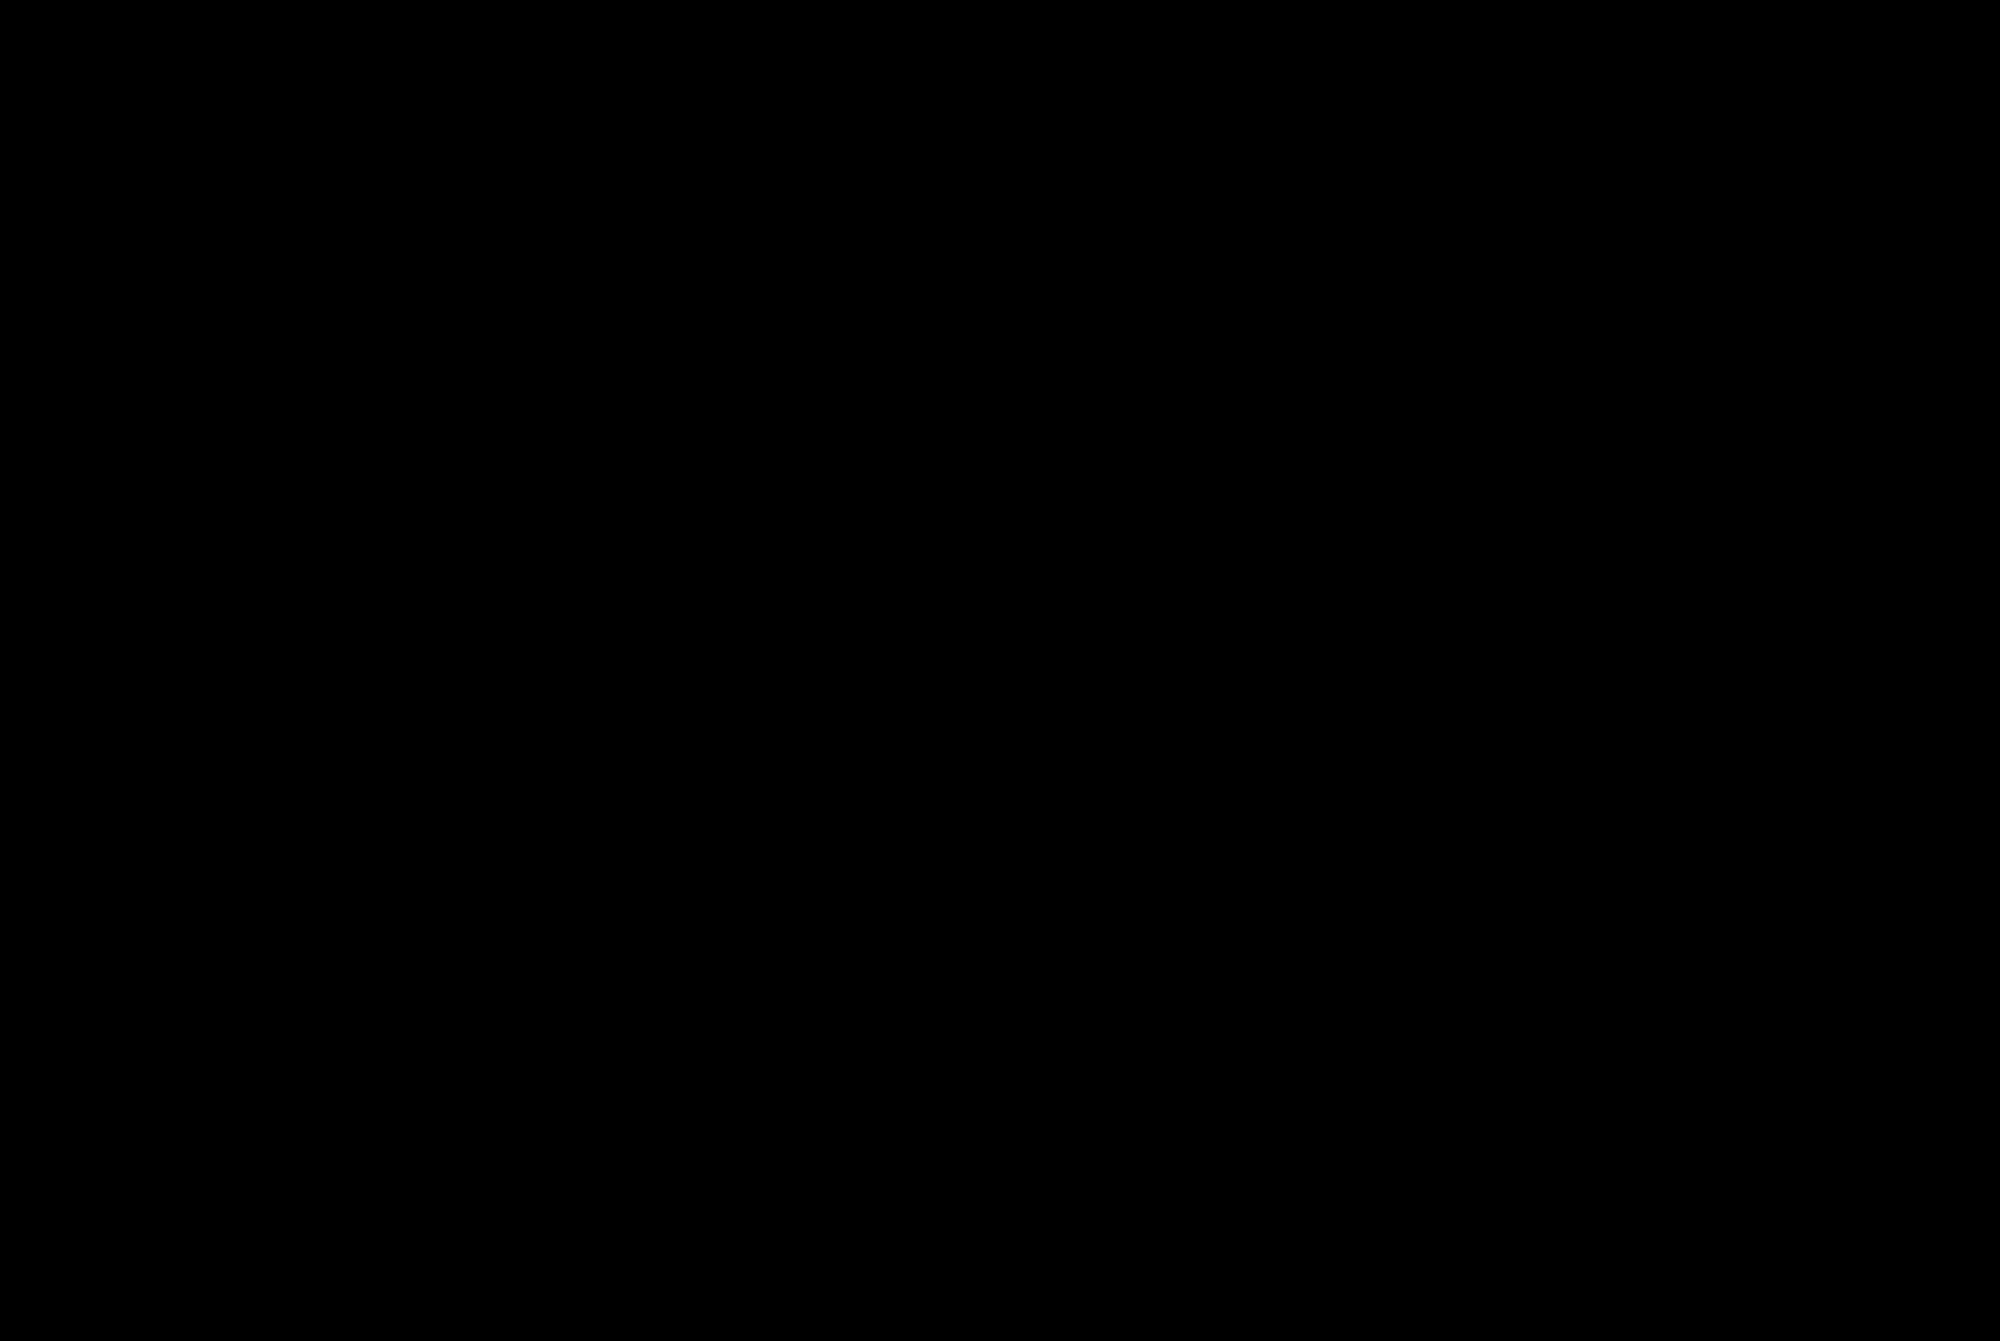 francis logo blacl.png